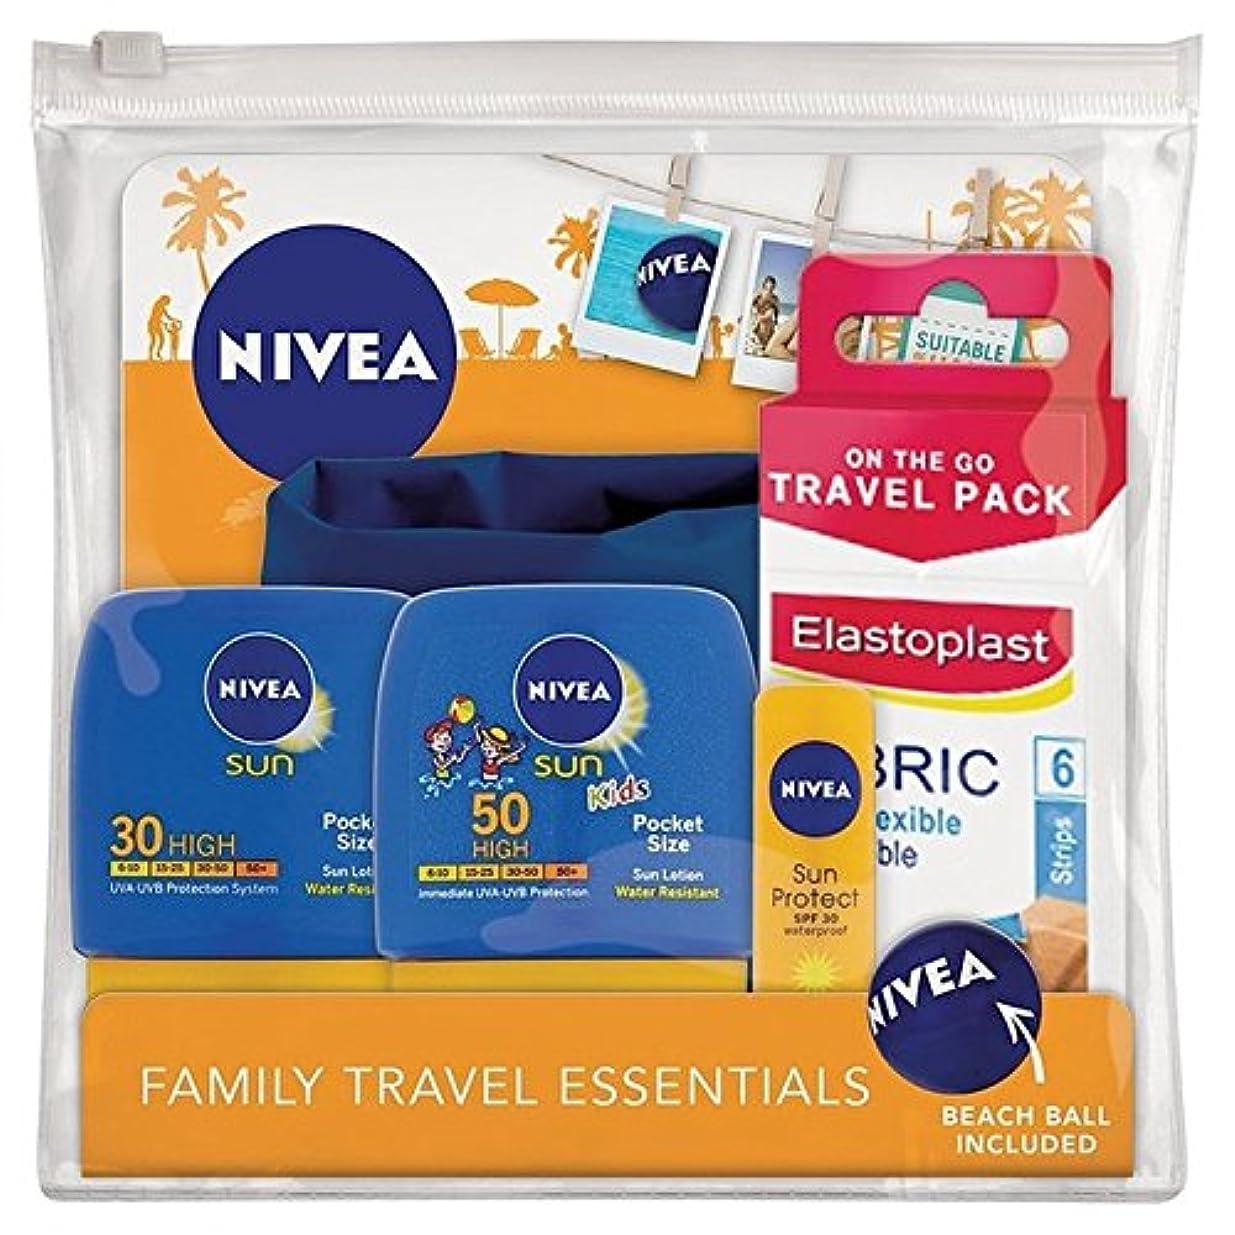 偏差シプリーいまニベア日旅行パック x2 - Nivea Sun Travel Pack (Pack of 2) [並行輸入品]